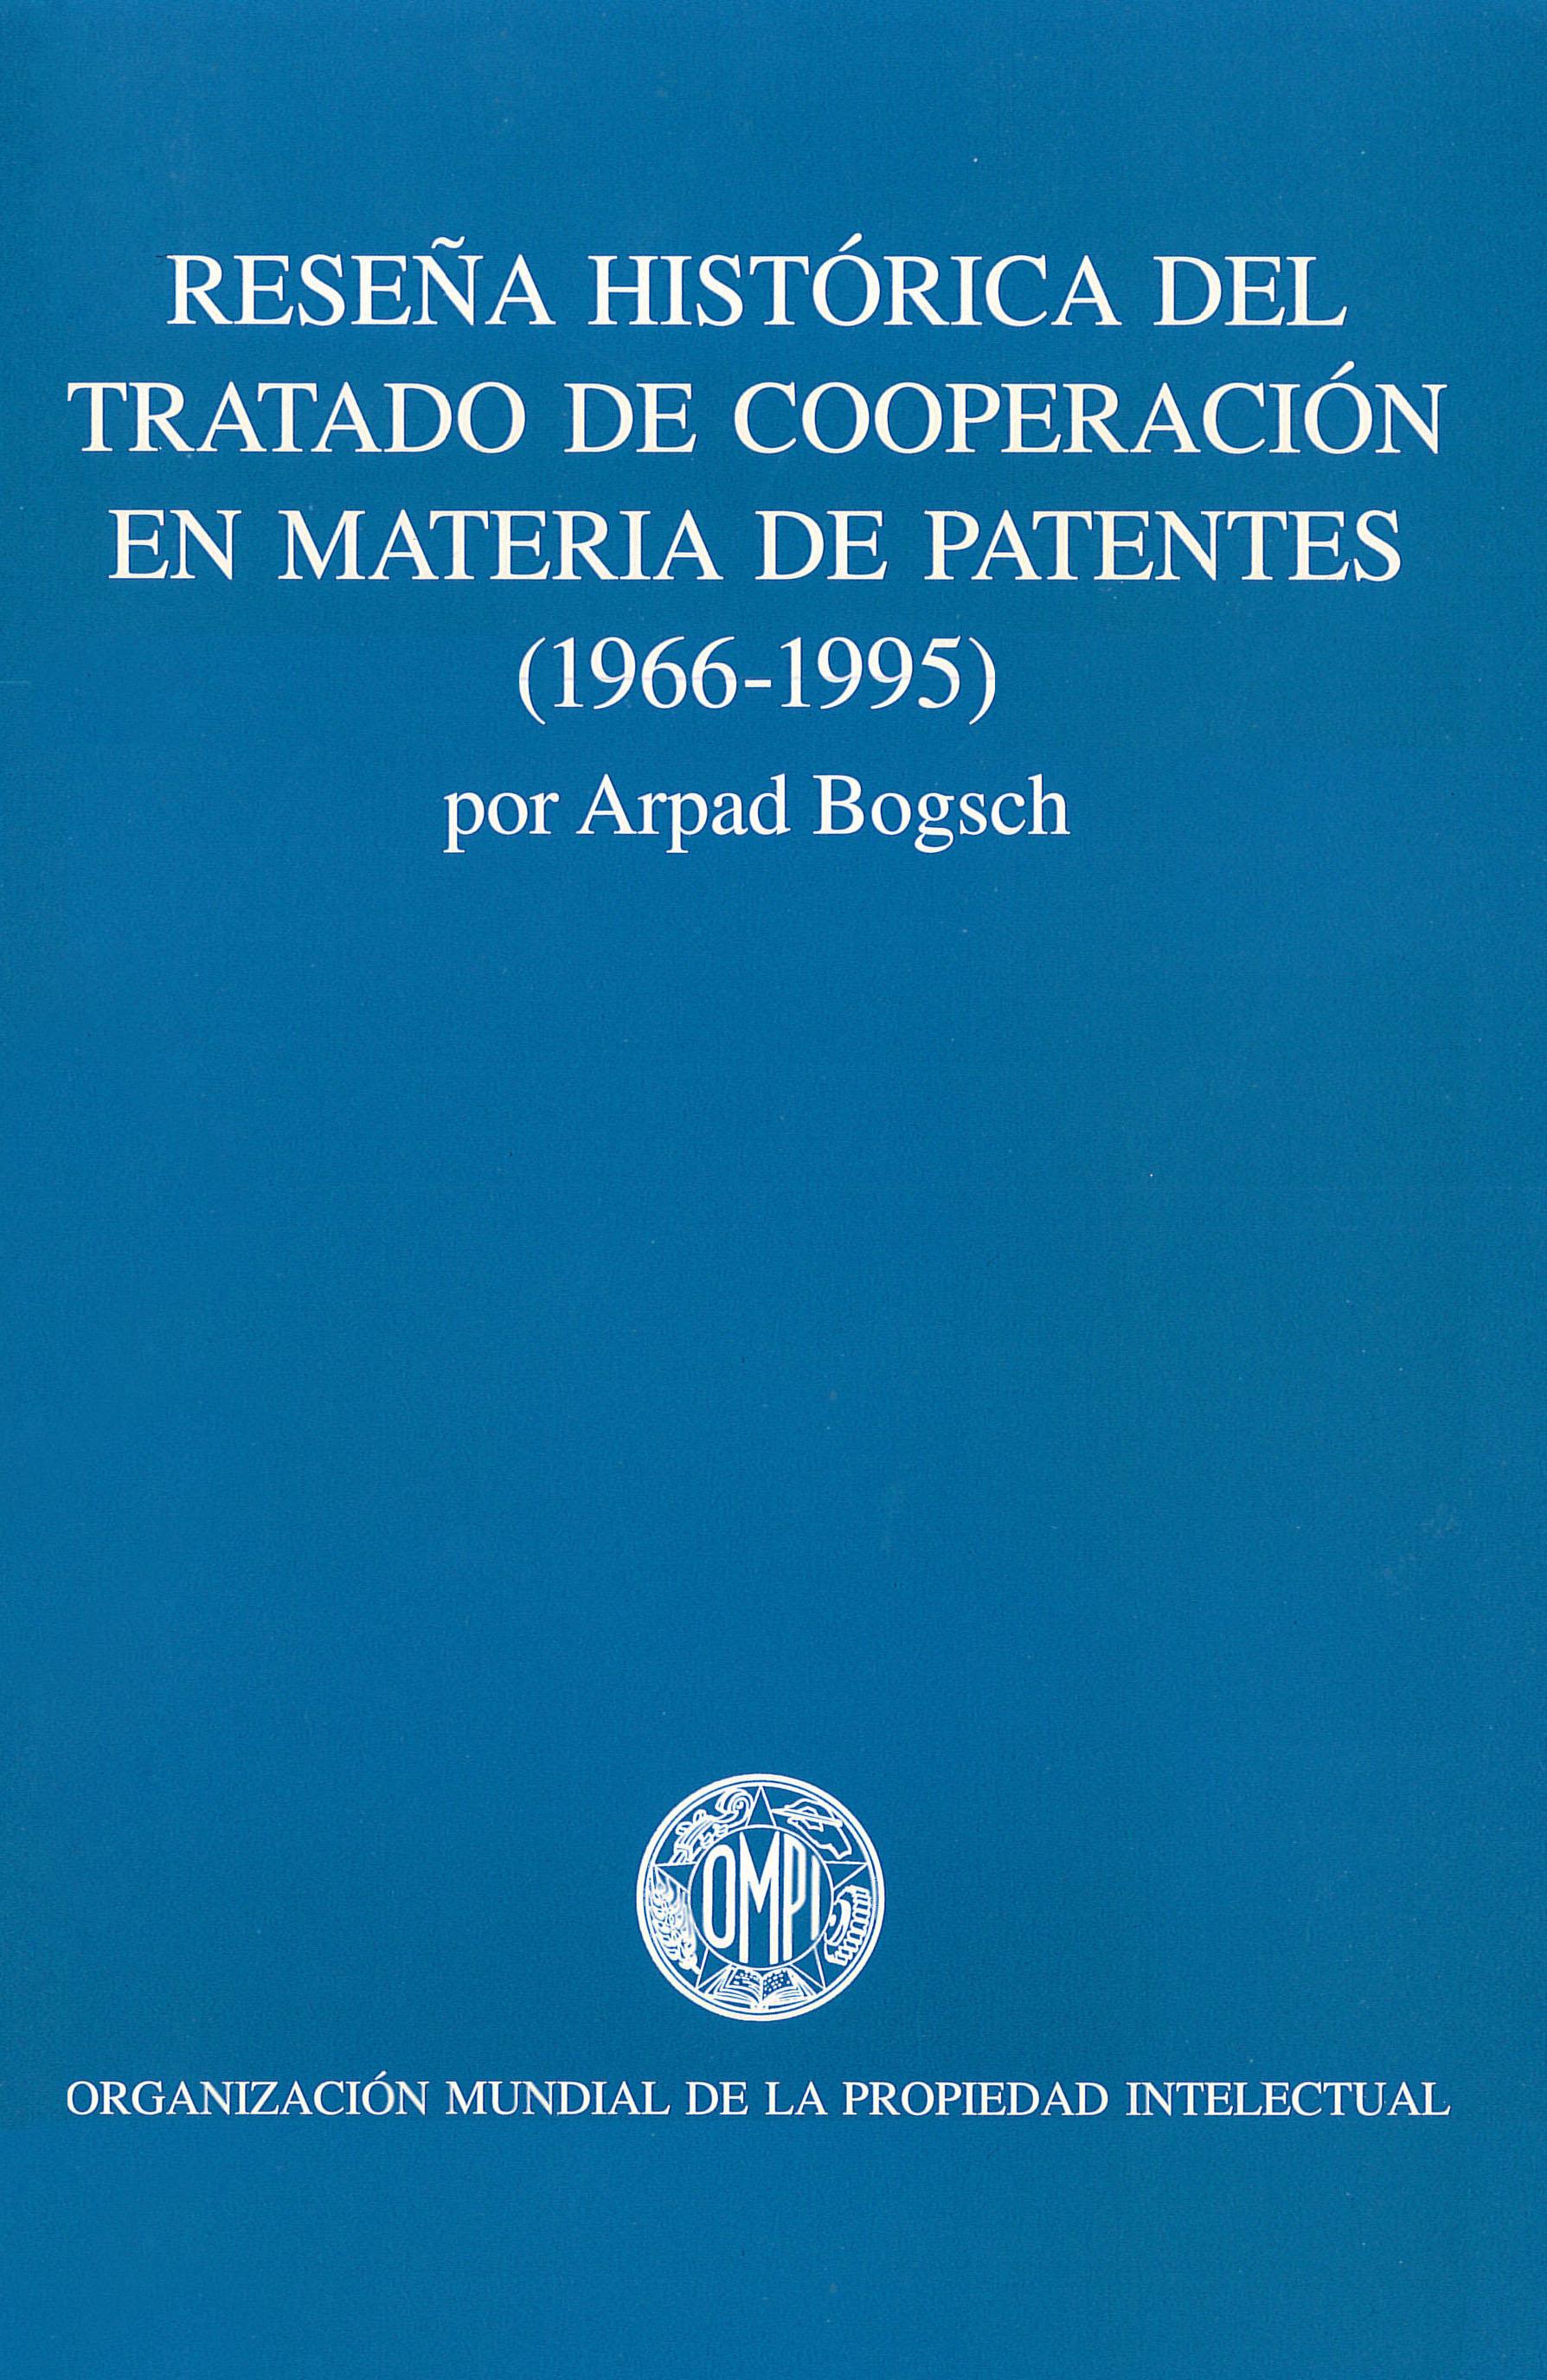 WIPO/PUB/886